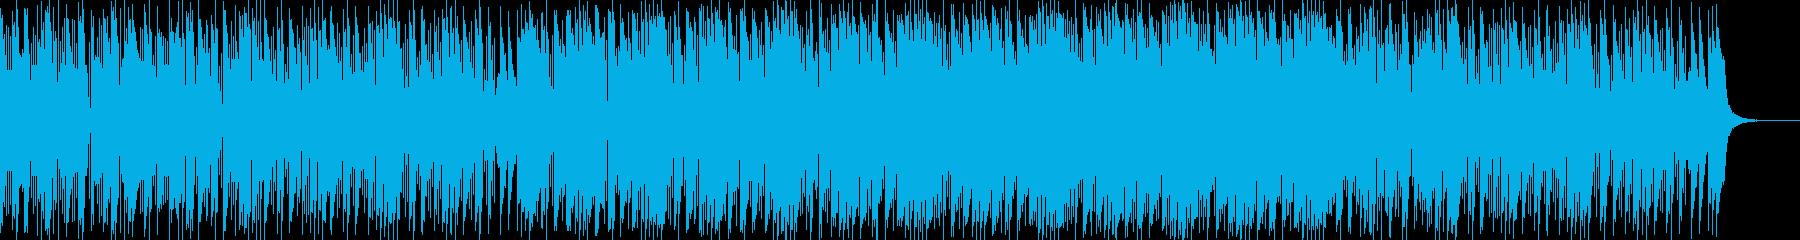 ブレイクビーツ レトロ 積極的 焦...の再生済みの波形